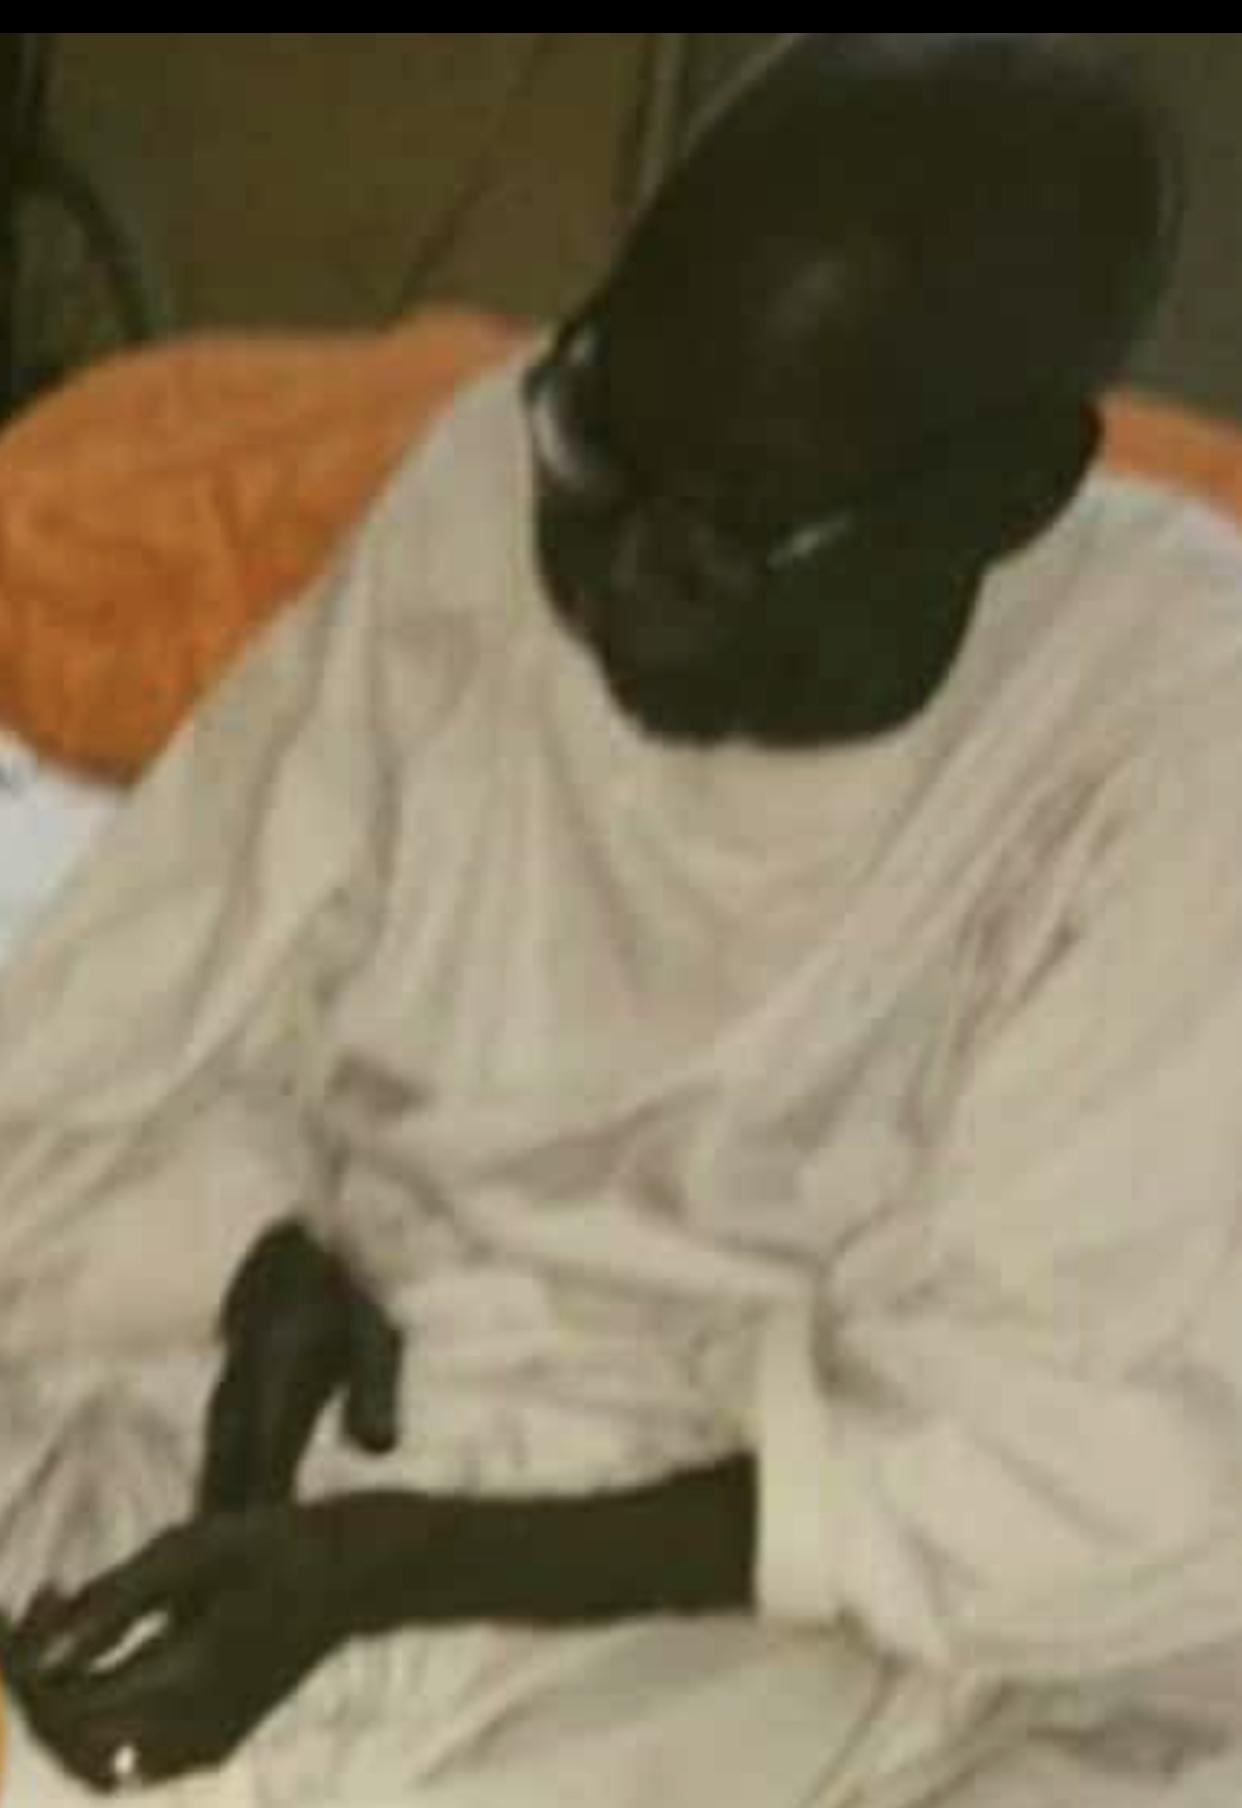 NÉCROLOGIE : Serigne Mewnou Diakhaté, ancien Pcr de Touba, a tiré sa révérence.